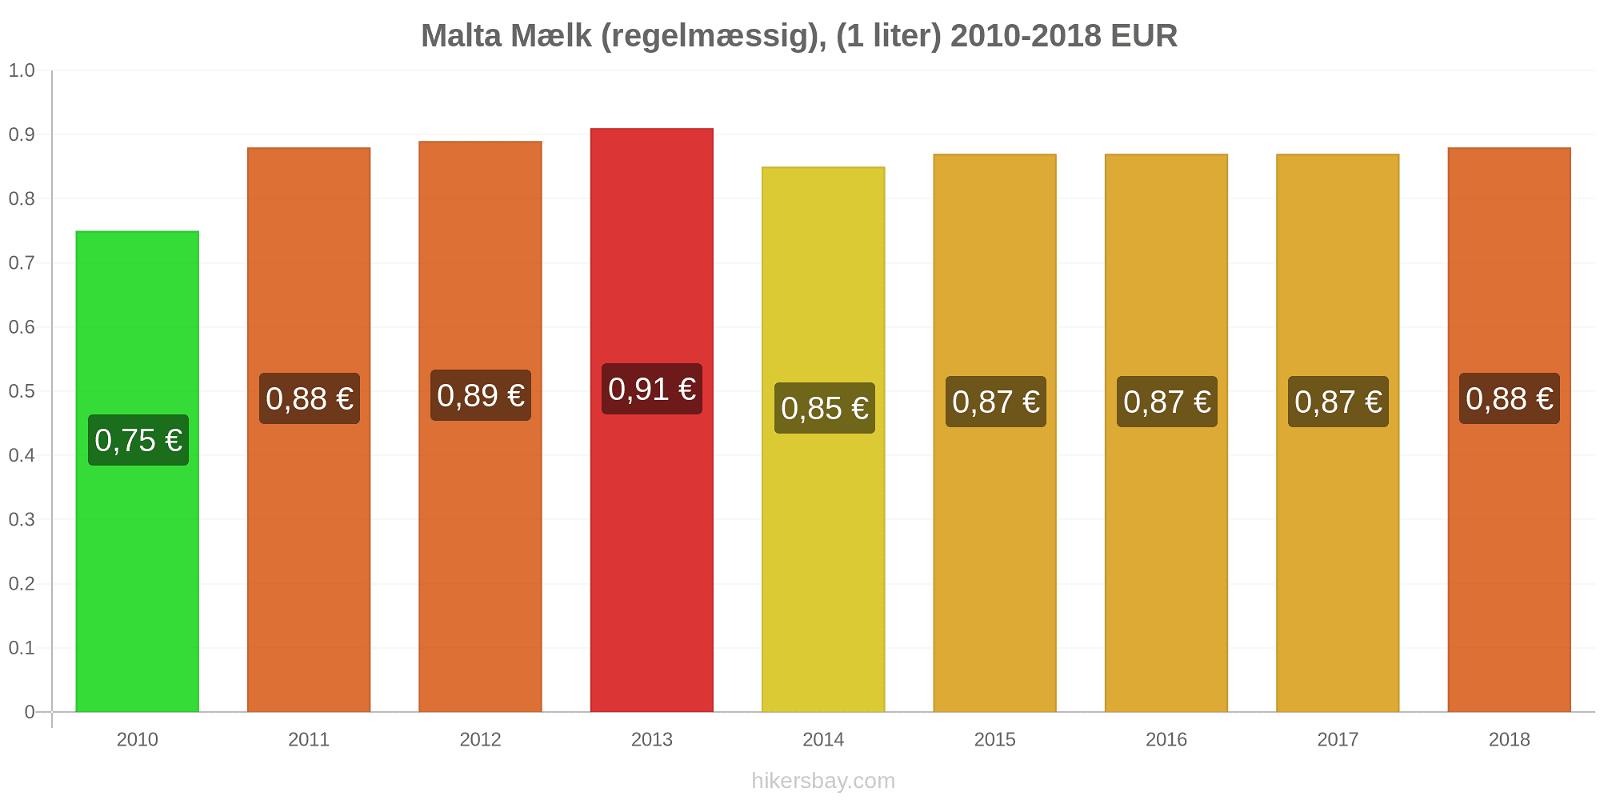 Malta prisændringer Mælk (regelmæssig), (1 liter) hikersbay.com